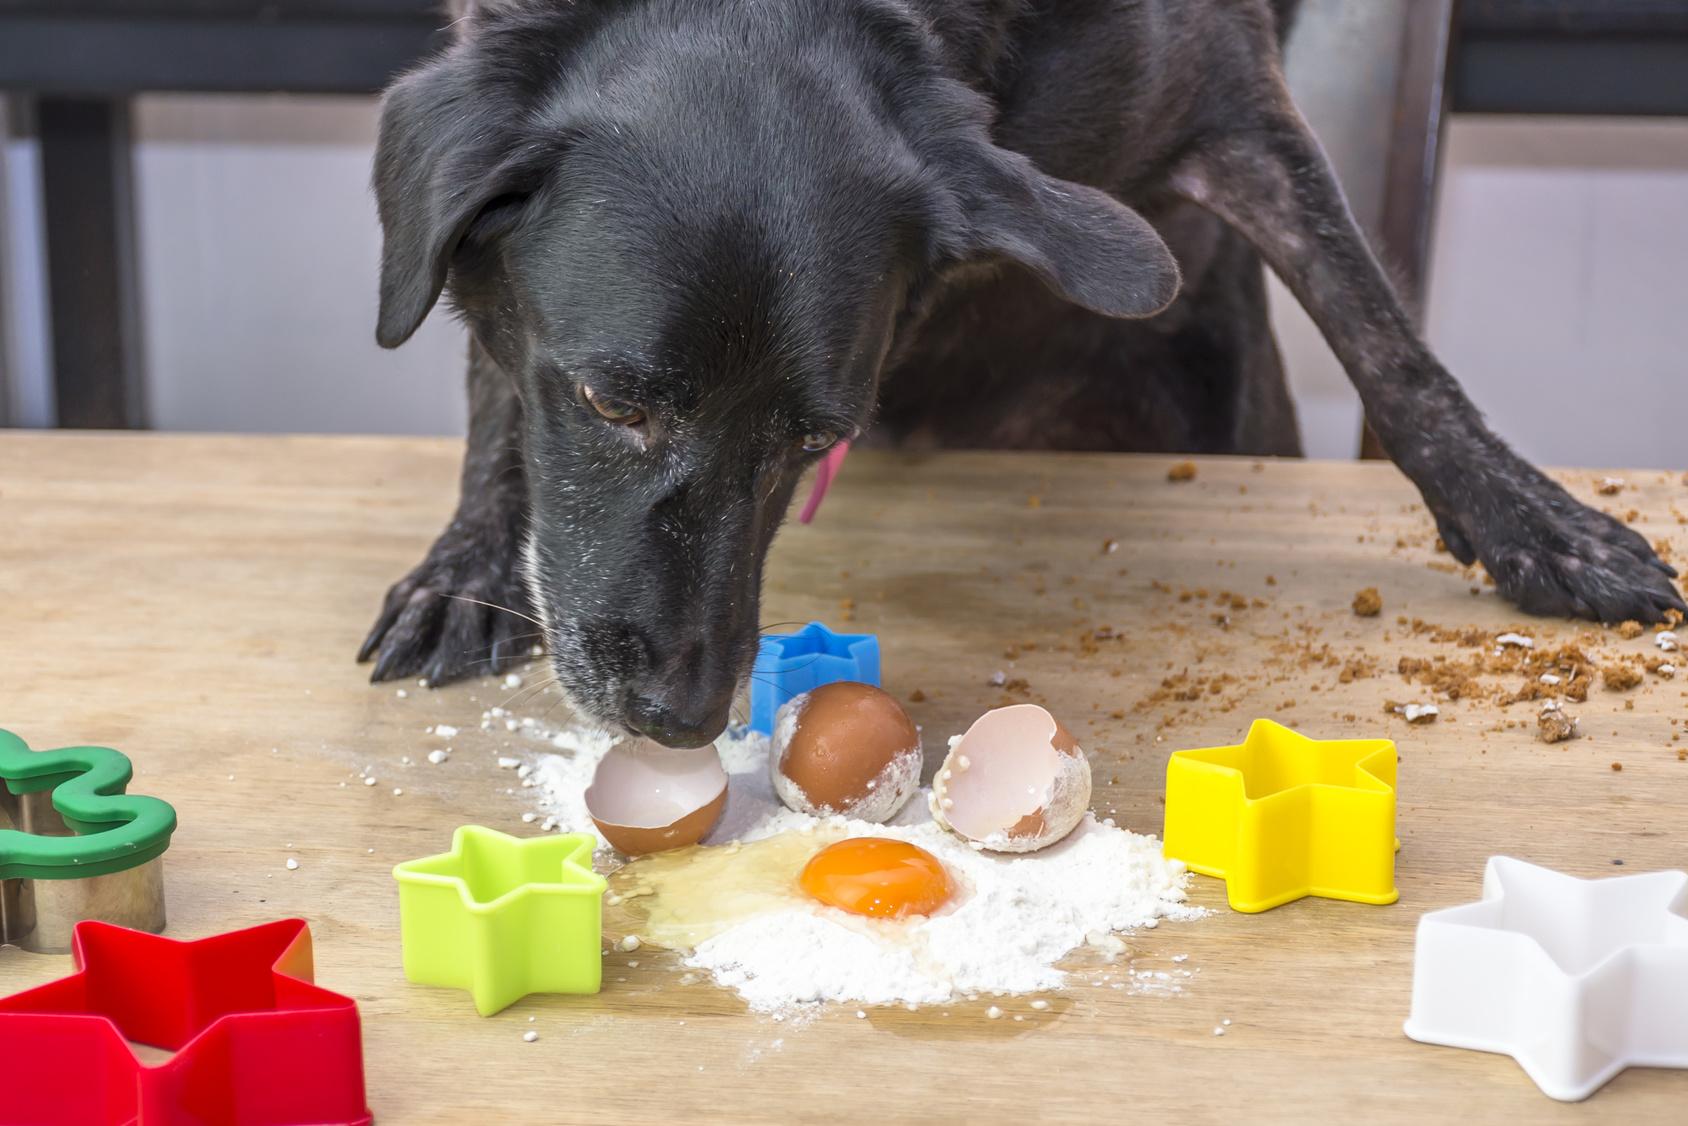 Uova cane : benefico o no per l'alimentazione del cane